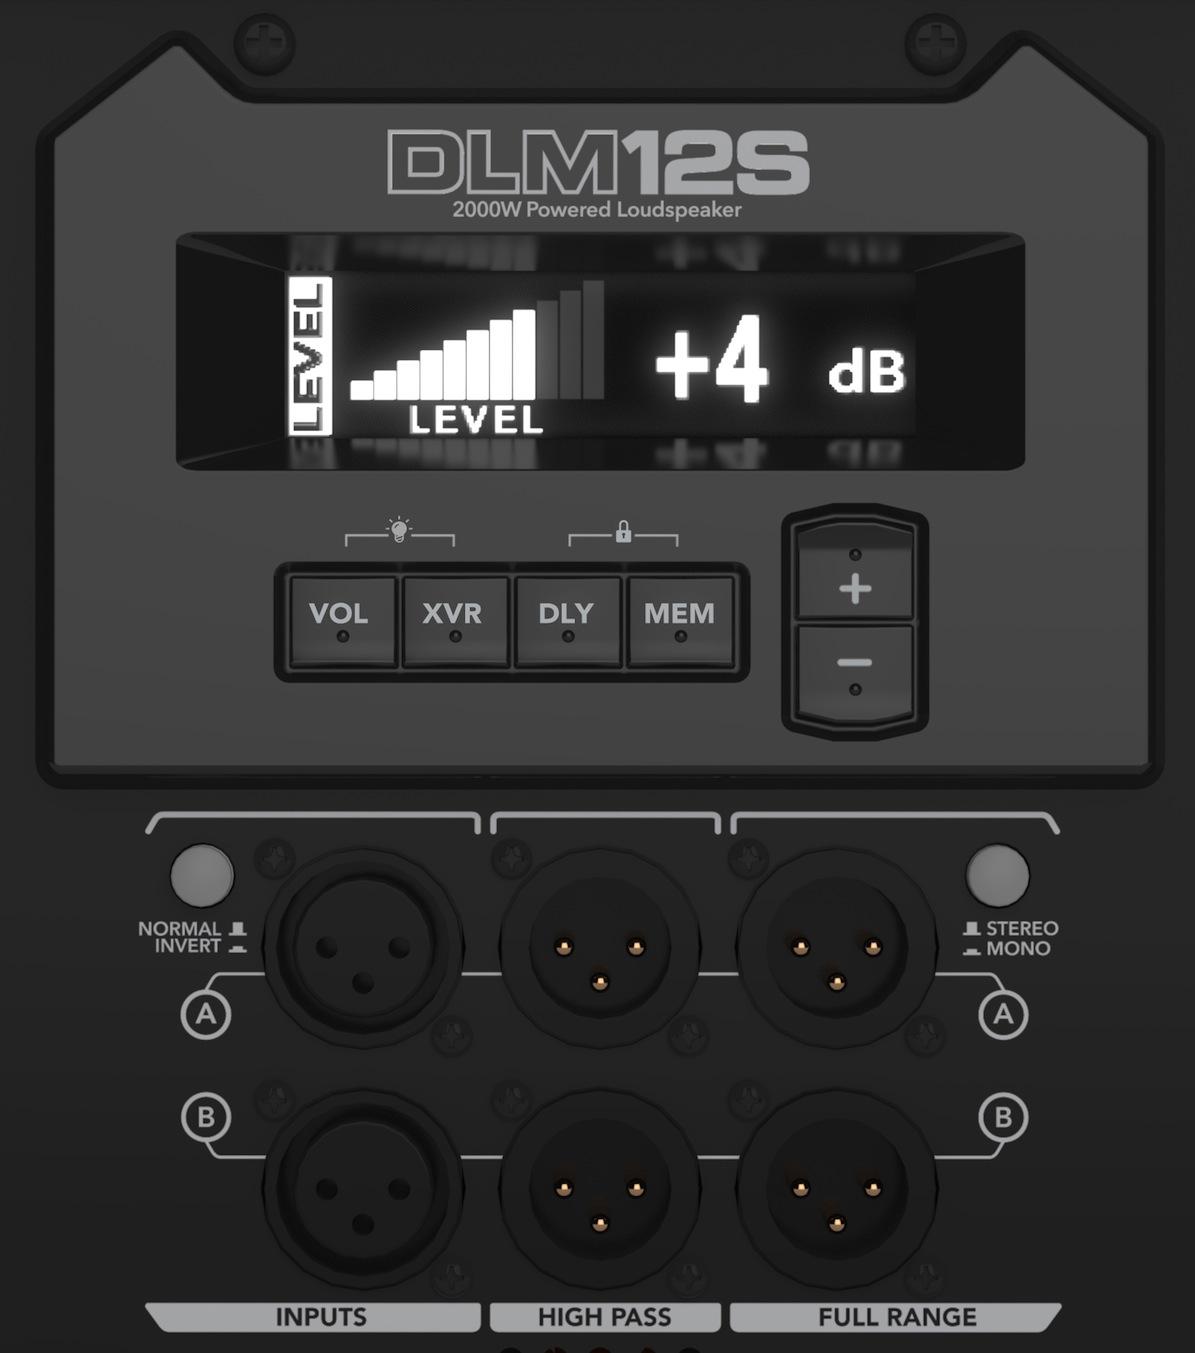 DLM12S